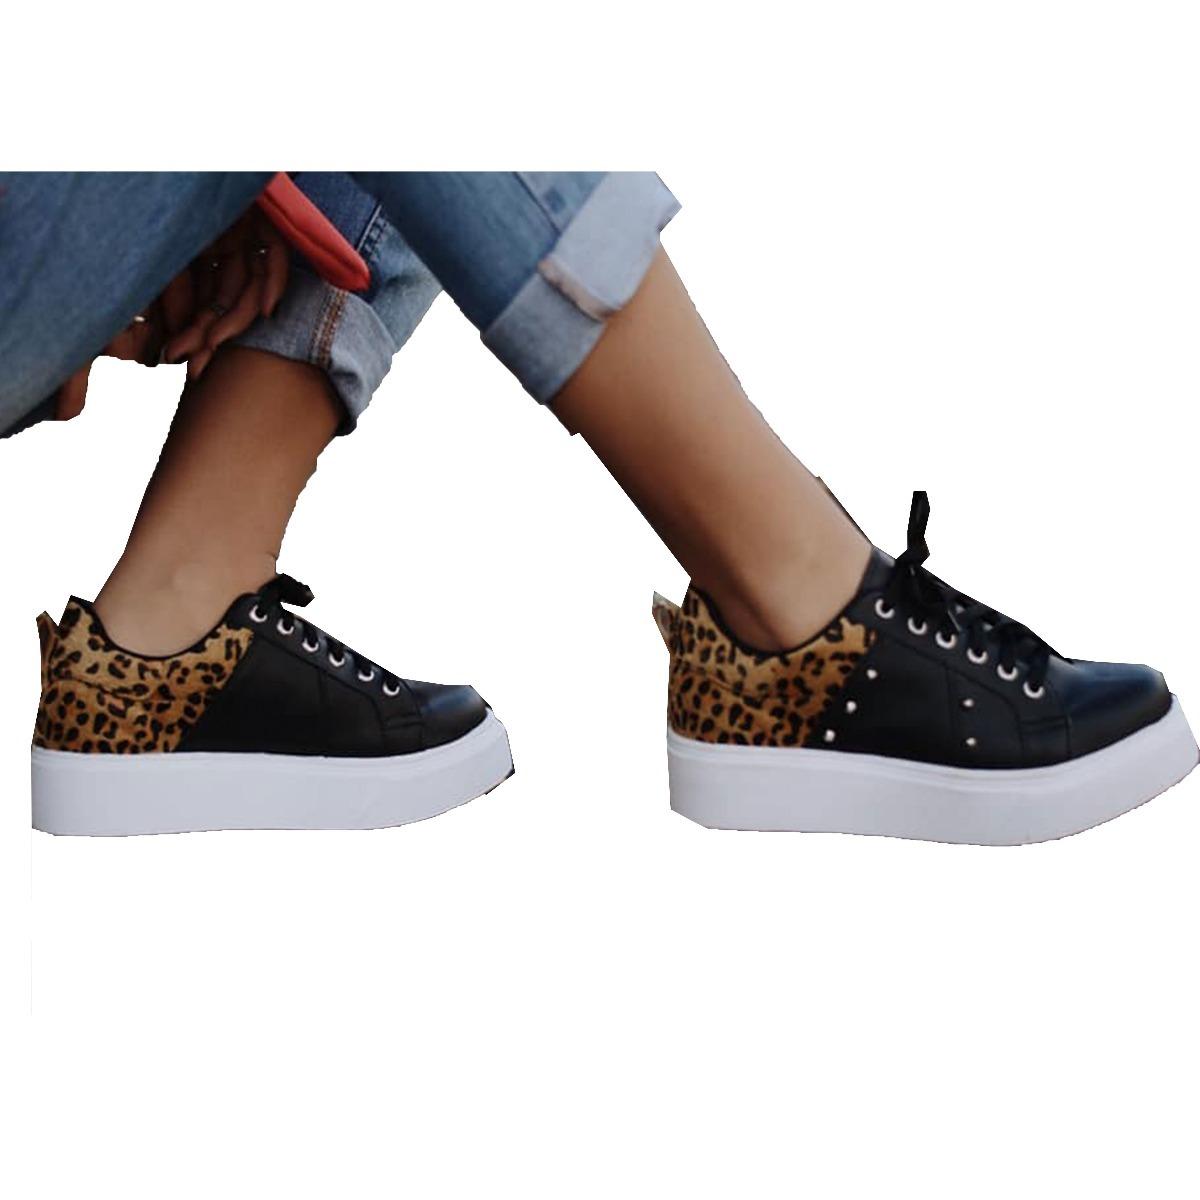 Dama Tenis Zapatillas Zapatos Para Print Animal v8mONwn0y